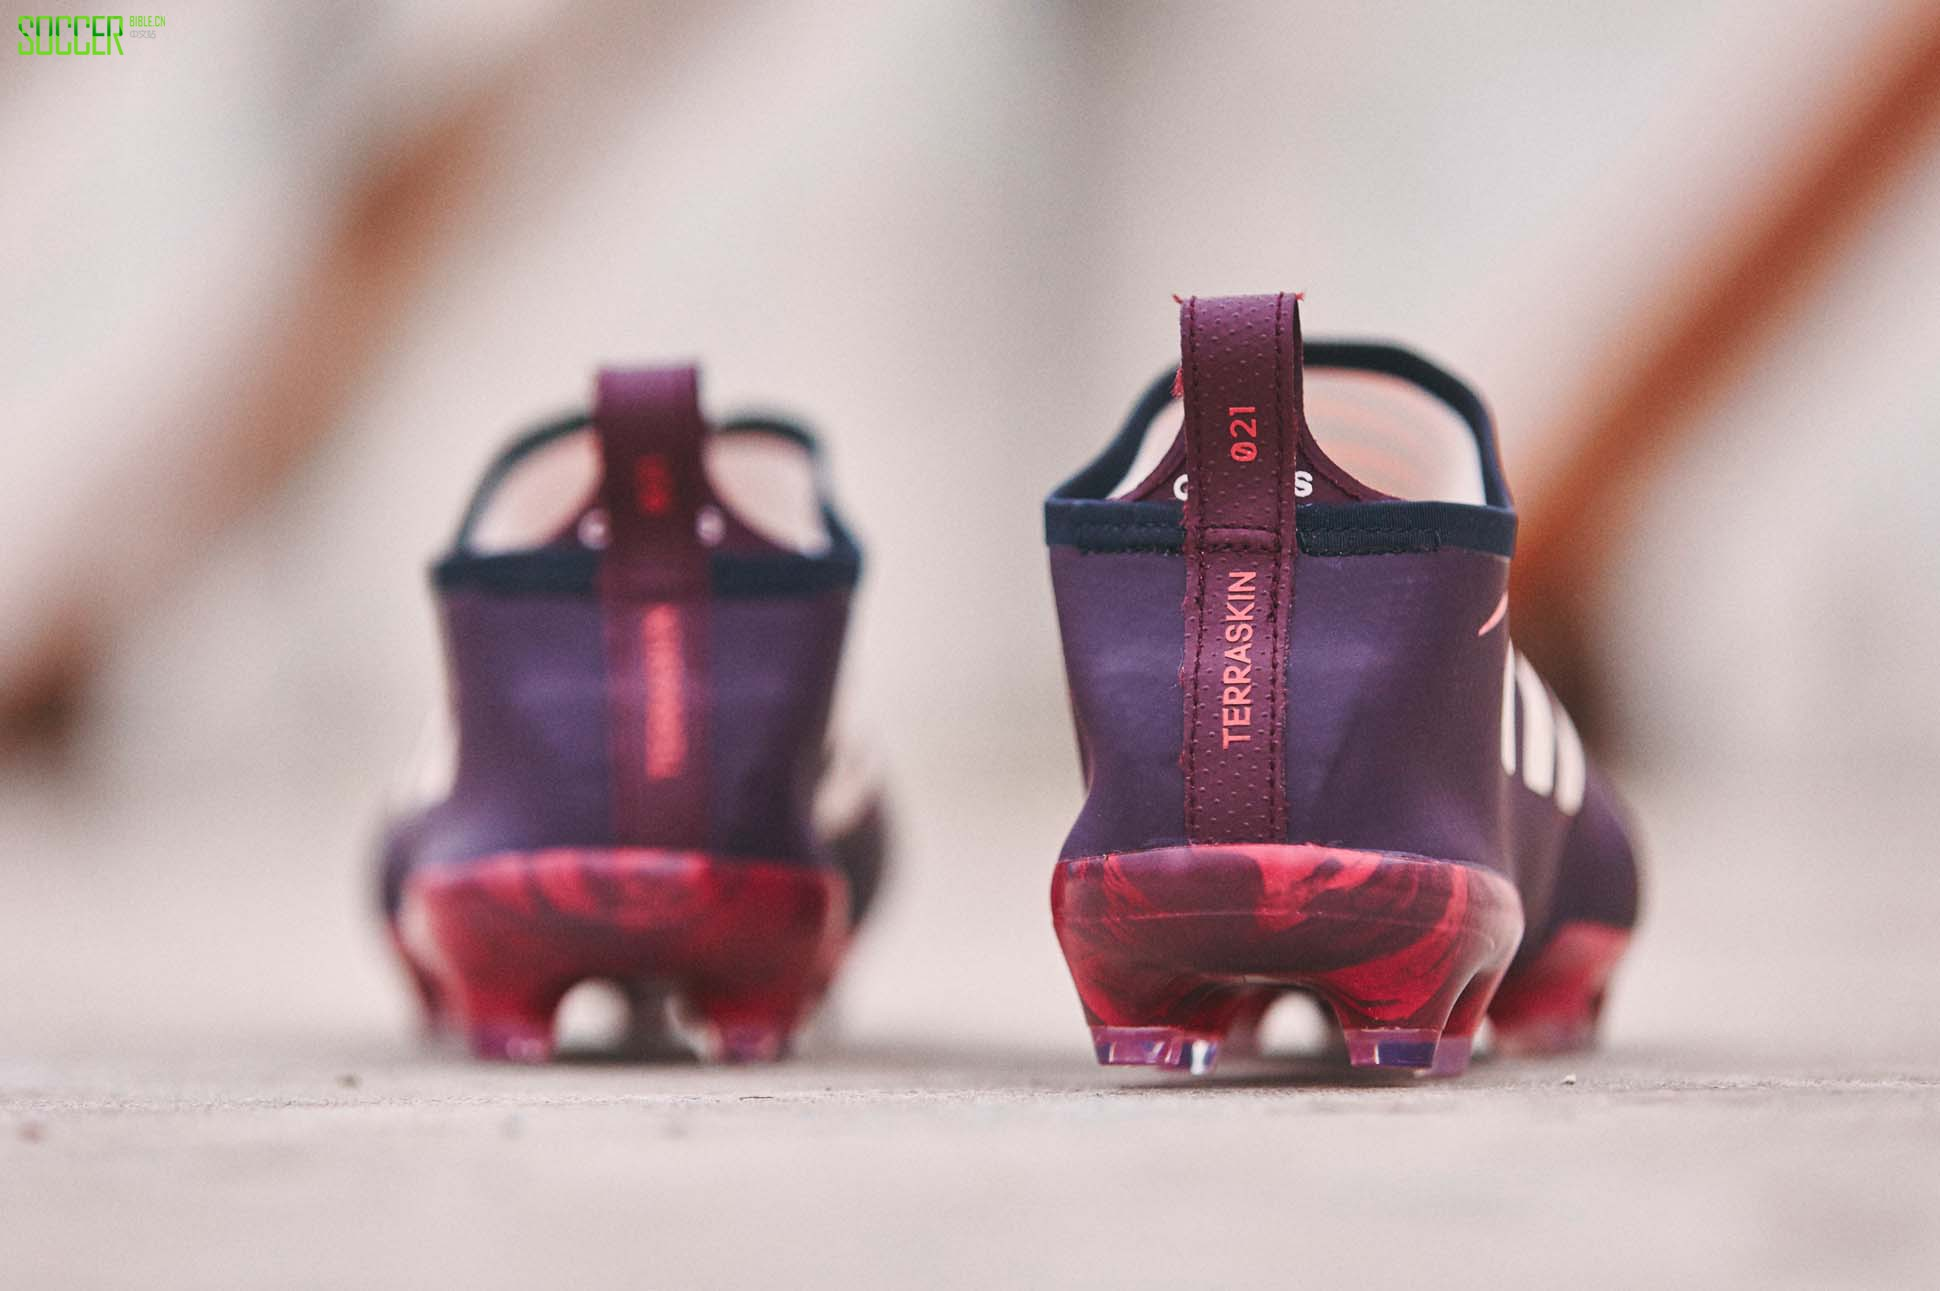 glitch-skin-purple-1